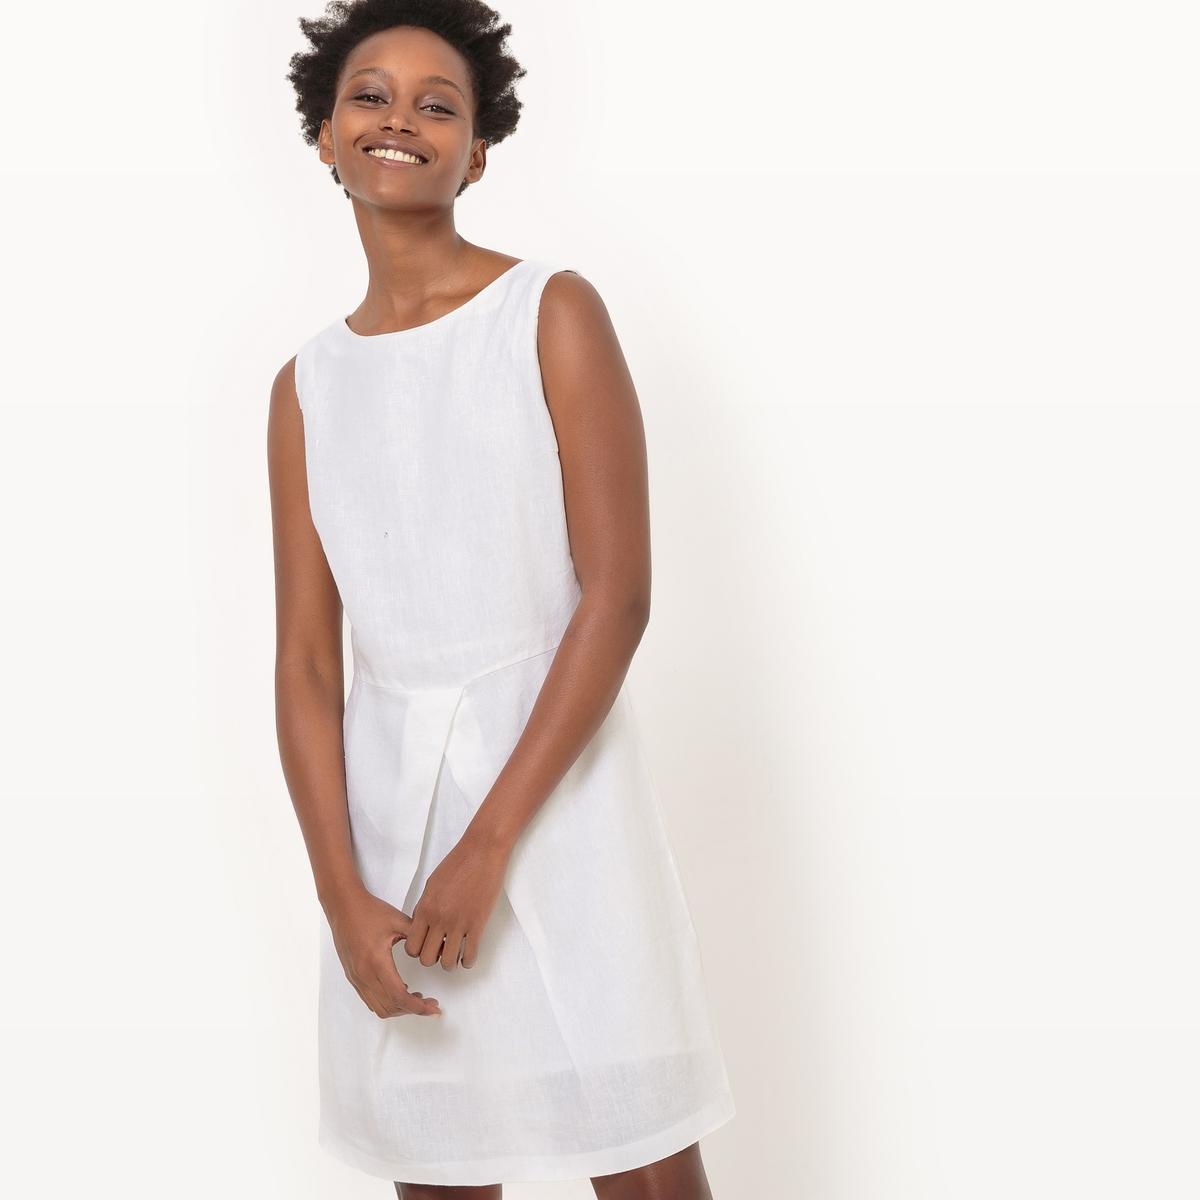 Платье без рукавов из льнаМатериал : 100% лен      Подкладка : 100% хлопок      Длина рукава : без рукавов       Форма воротника : круглый вырез      Покрой платья : расклешенное платье      Рисунок : однотонная модель        Длина платья : 91 см<br><br>Цвет: белый,синий королевский,черный<br>Размер: 50 (FR) - 56 (RUS).48 (FR) - 54 (RUS).46 (FR) - 52 (RUS).40 (FR) - 46 (RUS).36 (FR) - 42 (RUS).46 (FR) - 52 (RUS).38 (FR) - 44 (RUS).34 (FR) - 40 (RUS).46 (FR) - 52 (RUS).48 (FR) - 54 (RUS).40 (FR) - 46 (RUS).38 (FR) - 44 (RUS)